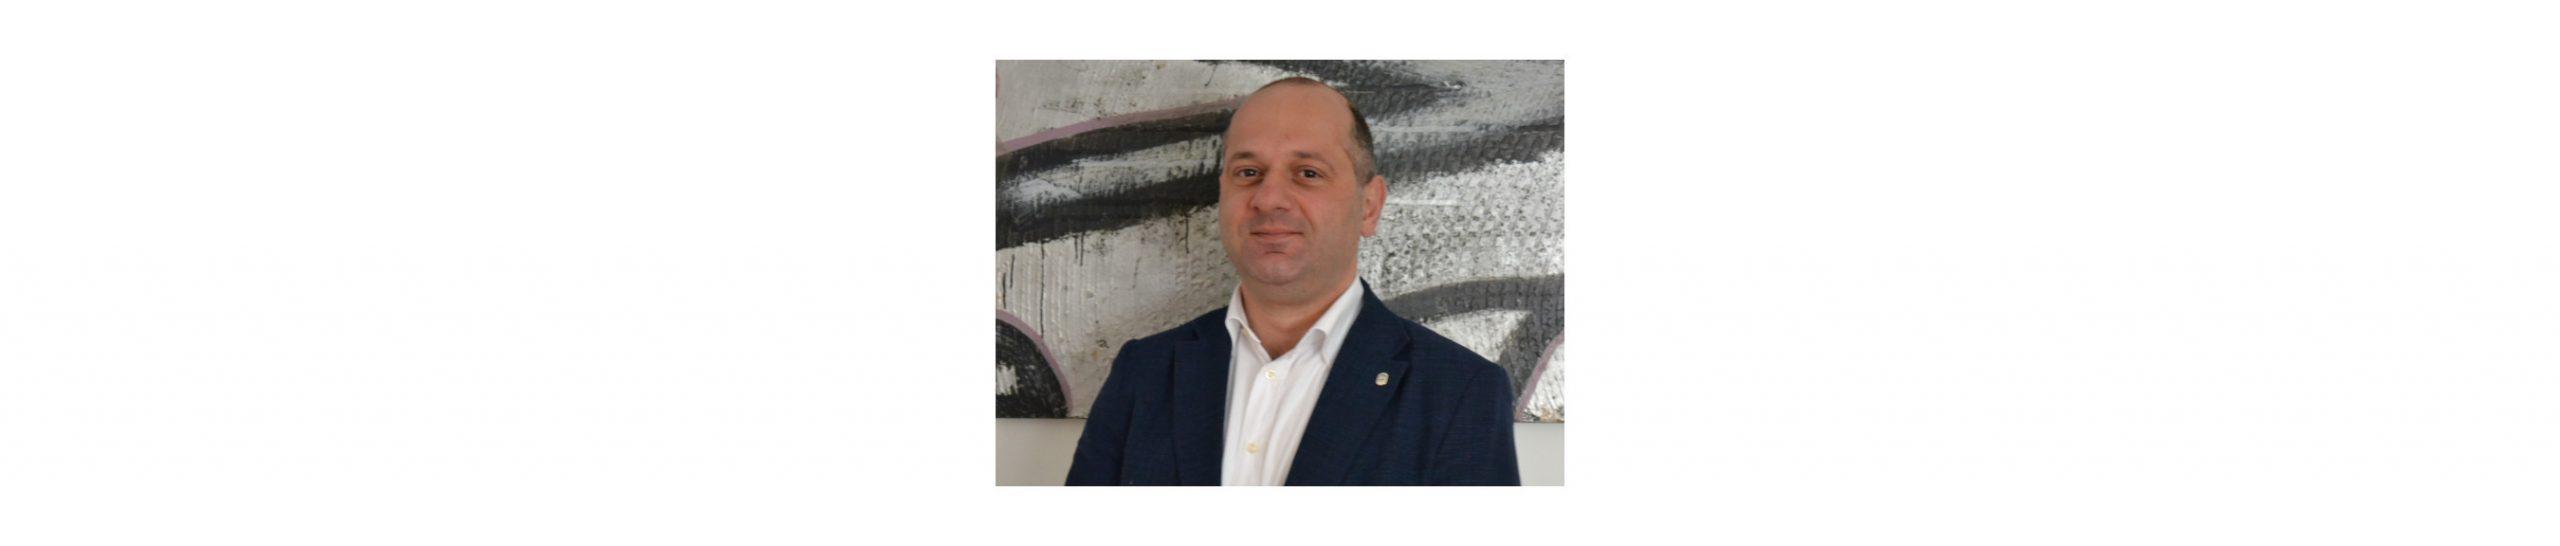 """Conosciamo la giunta regionale: Stefano Raso. """"Uno sviluppo positivo per il territorio""""."""